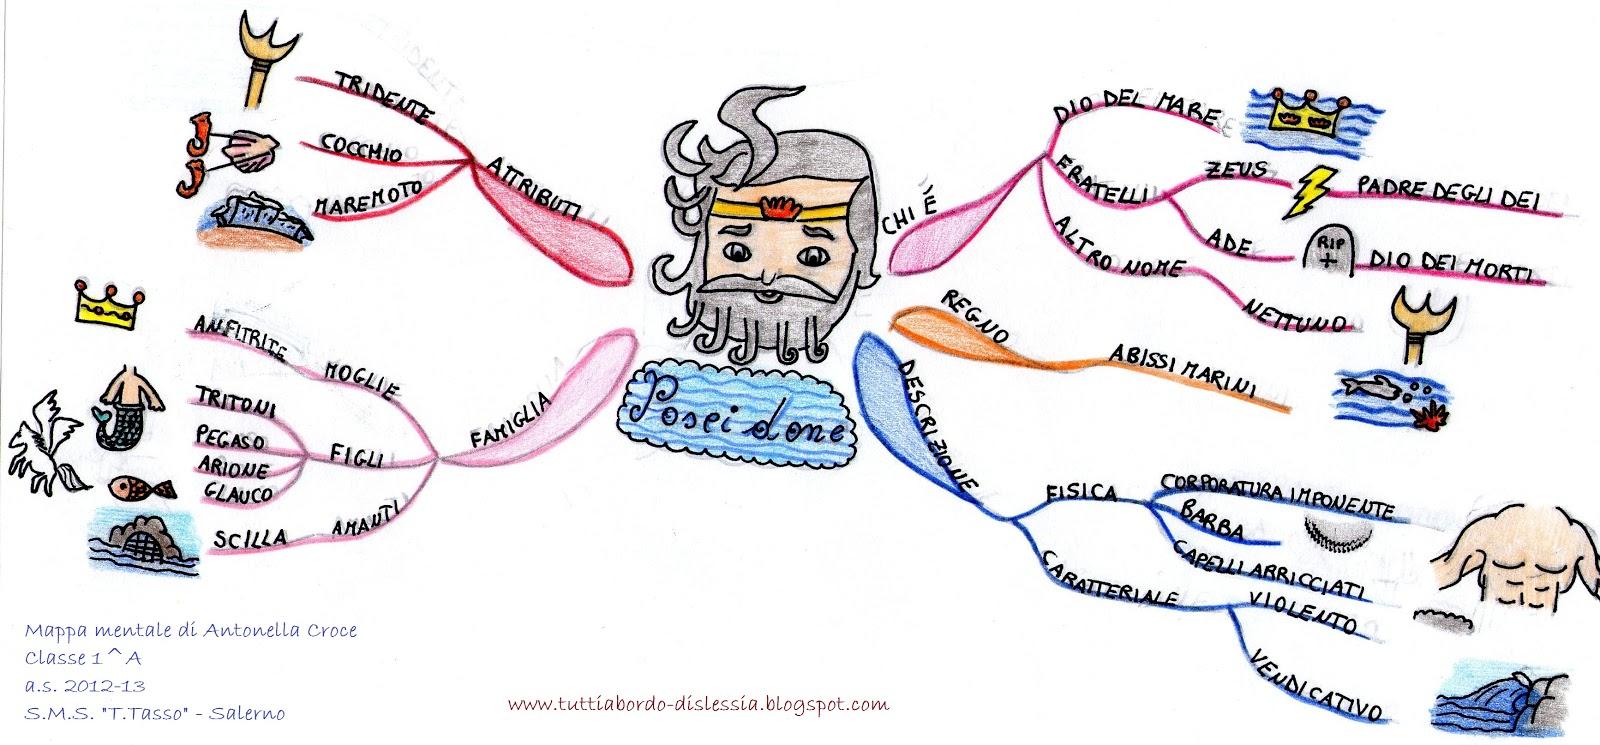 Eccezionale Tutti a bordo - dislessia: Mitologia greca: Poseidone. Mappa mentale JO85